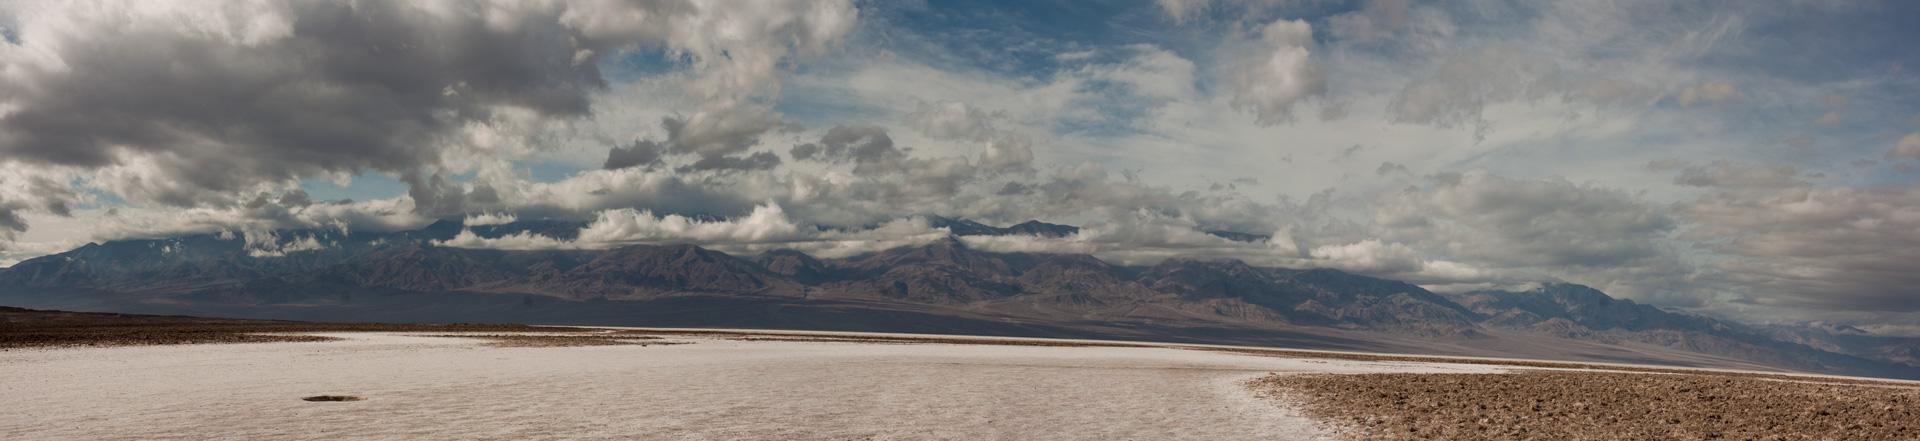 Death_Valley_5.jpg